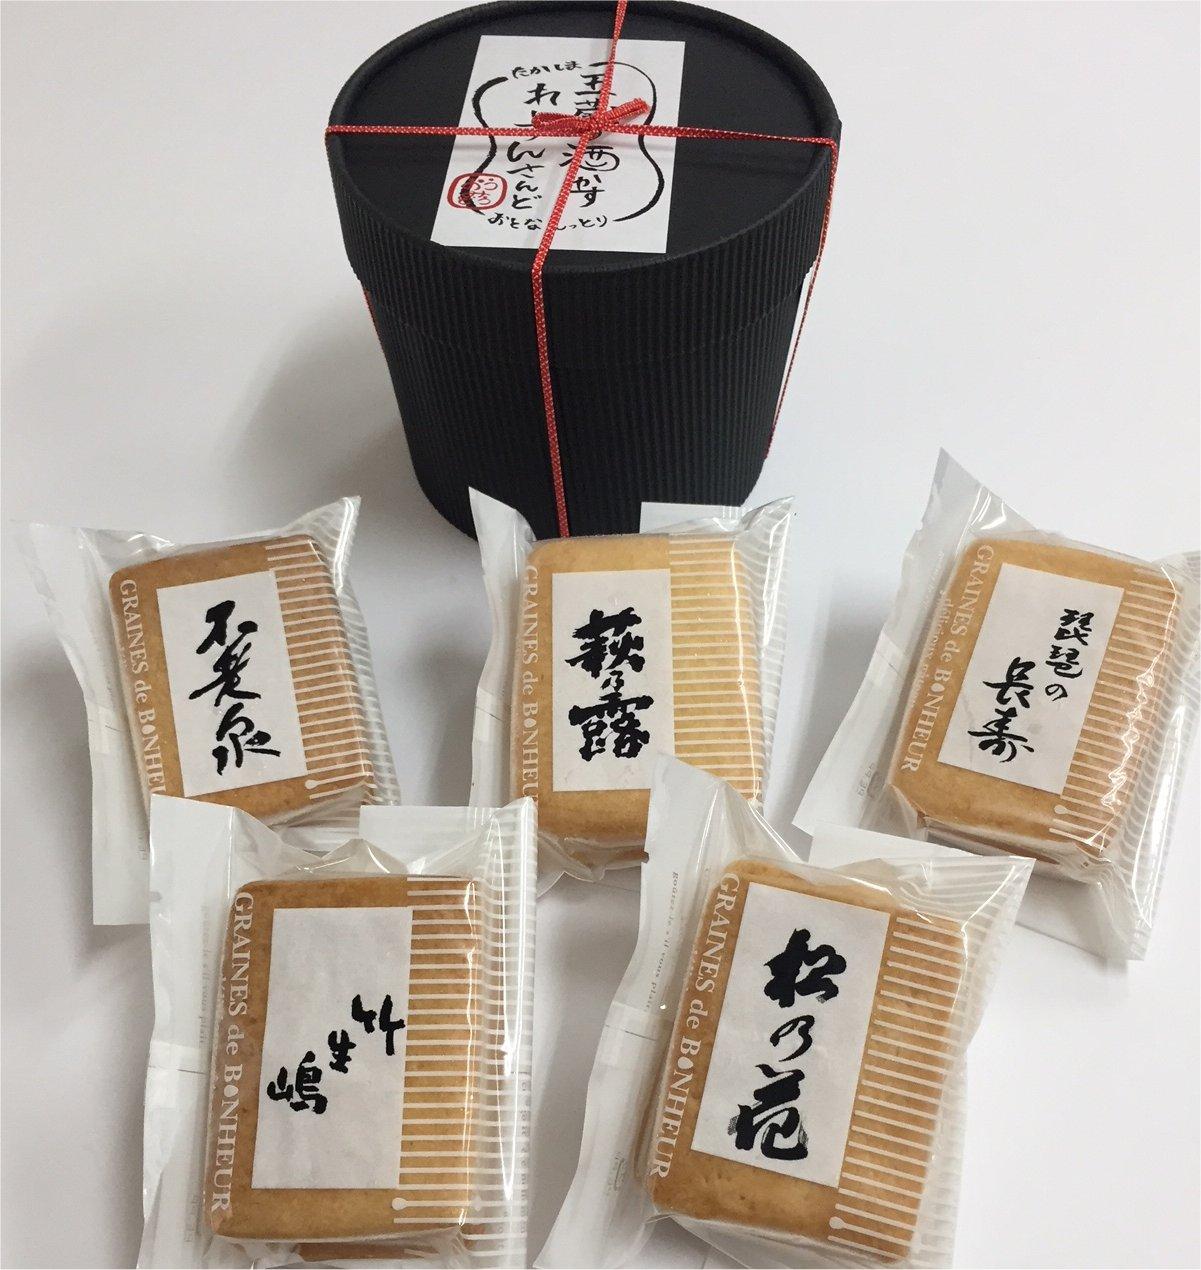 第2回EEGP発酵特別賞五蔵のレーズンサンド